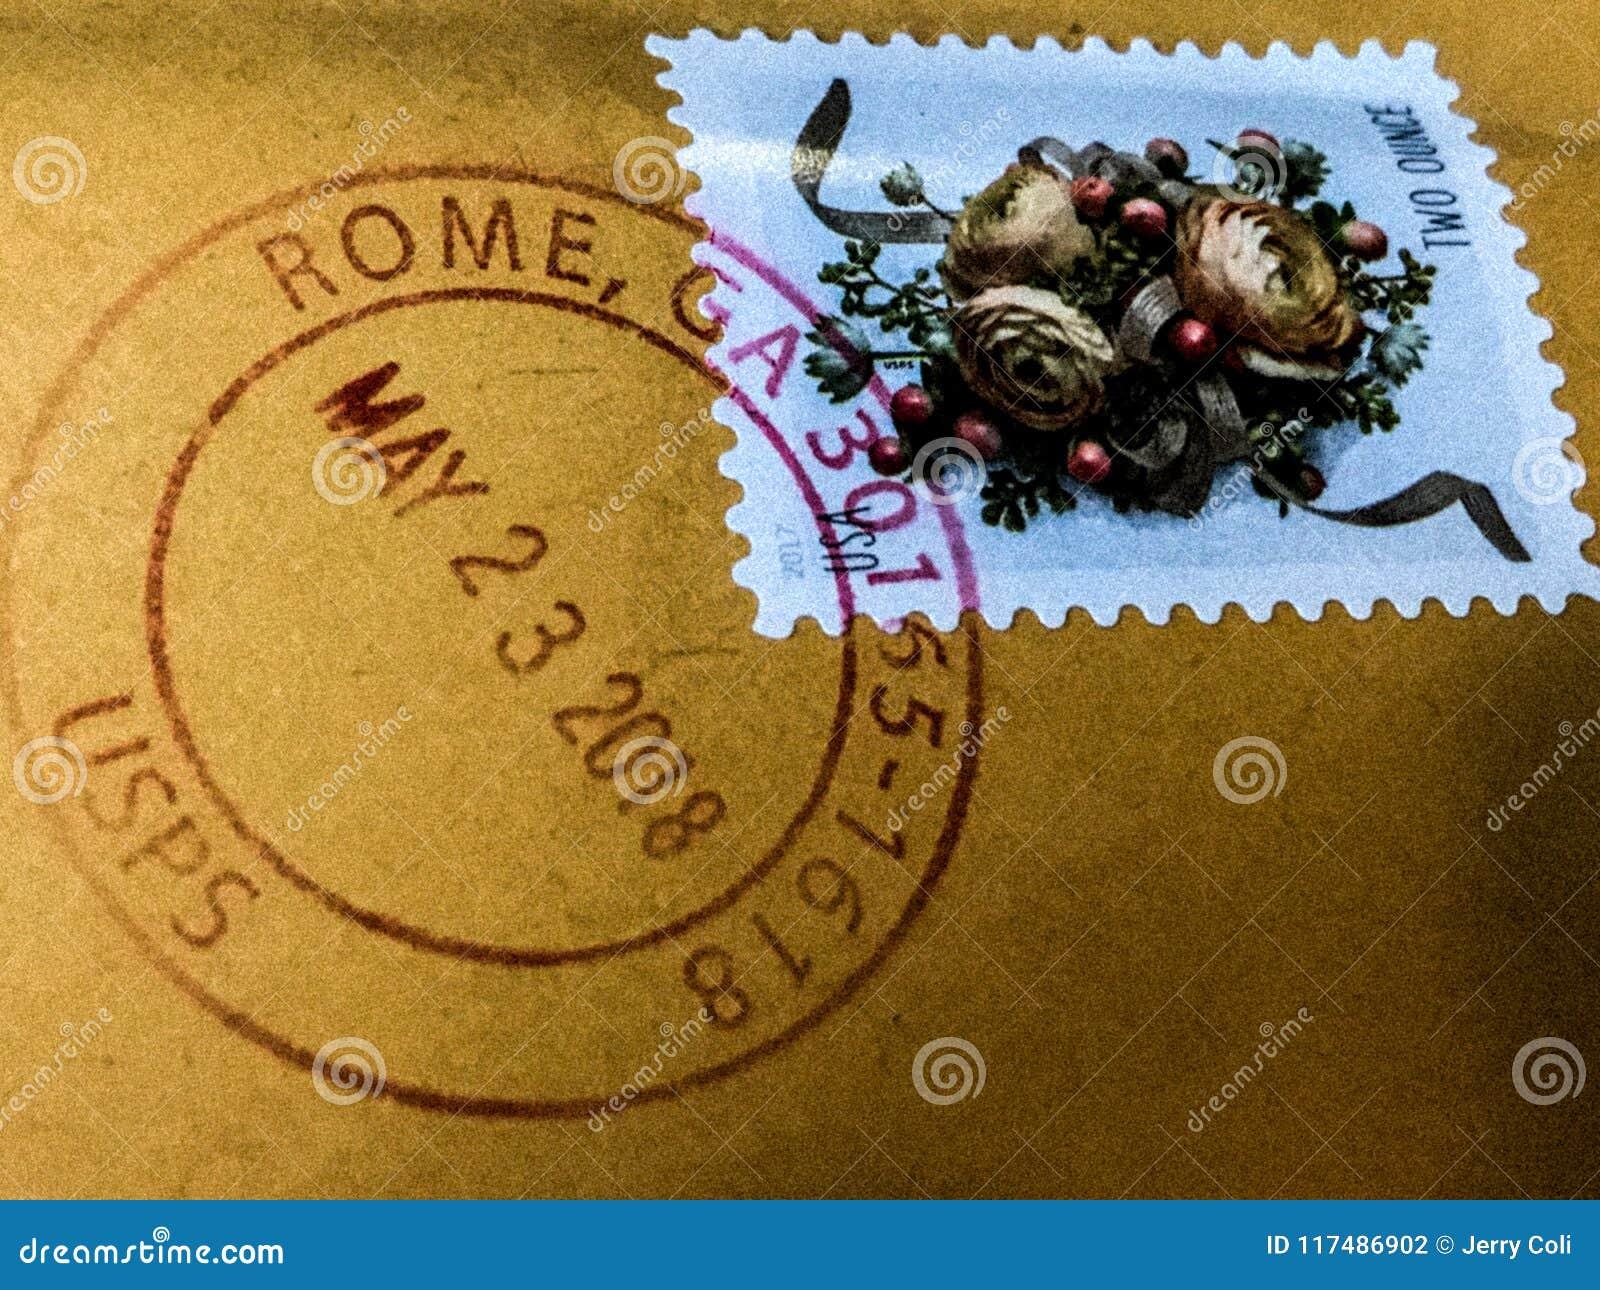 Selo postal cancelado de Roma, Geórgia